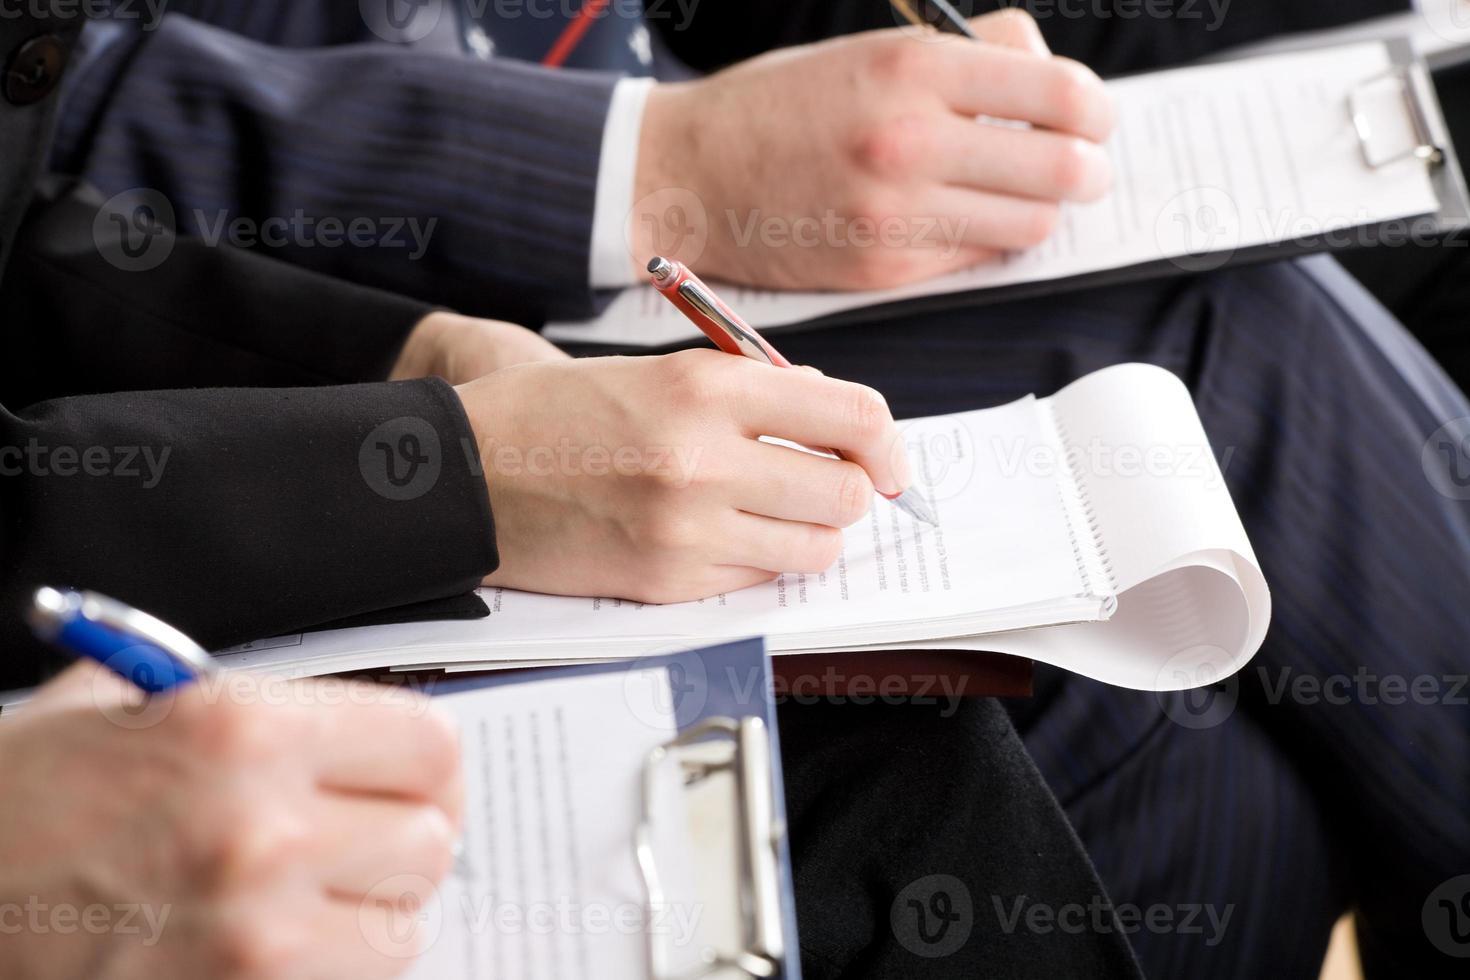 Männer, die sich auf einer Arbeitskonferenz mit Stift und Papier Notizen machen foto